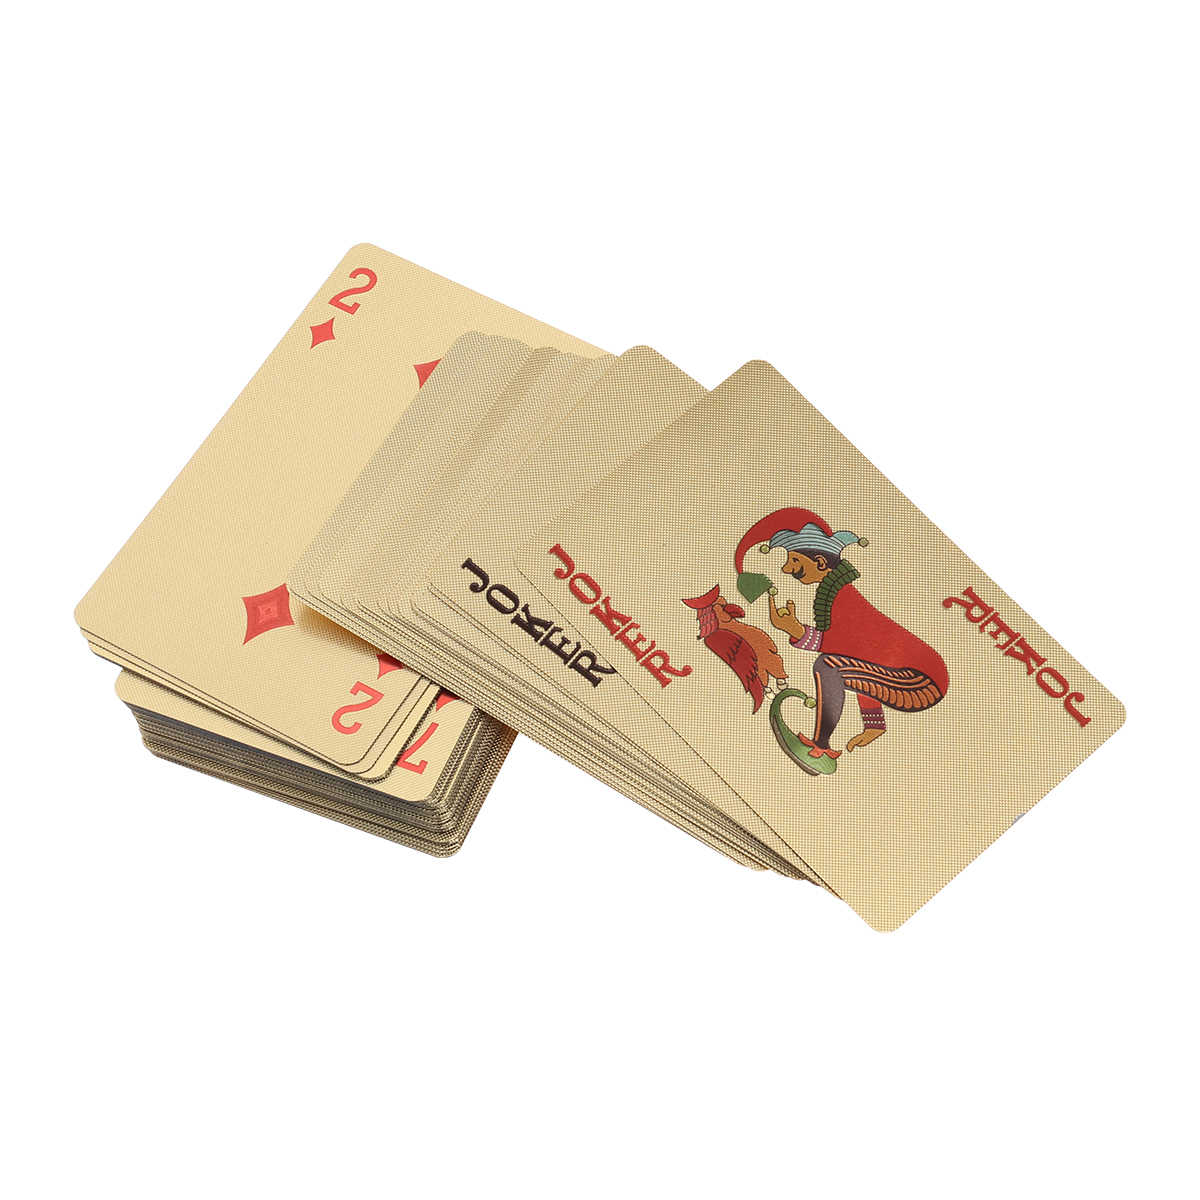 Позолоченные игральные карты из фольги покерные настольные игры бури Халифа Джокер колода (золото)